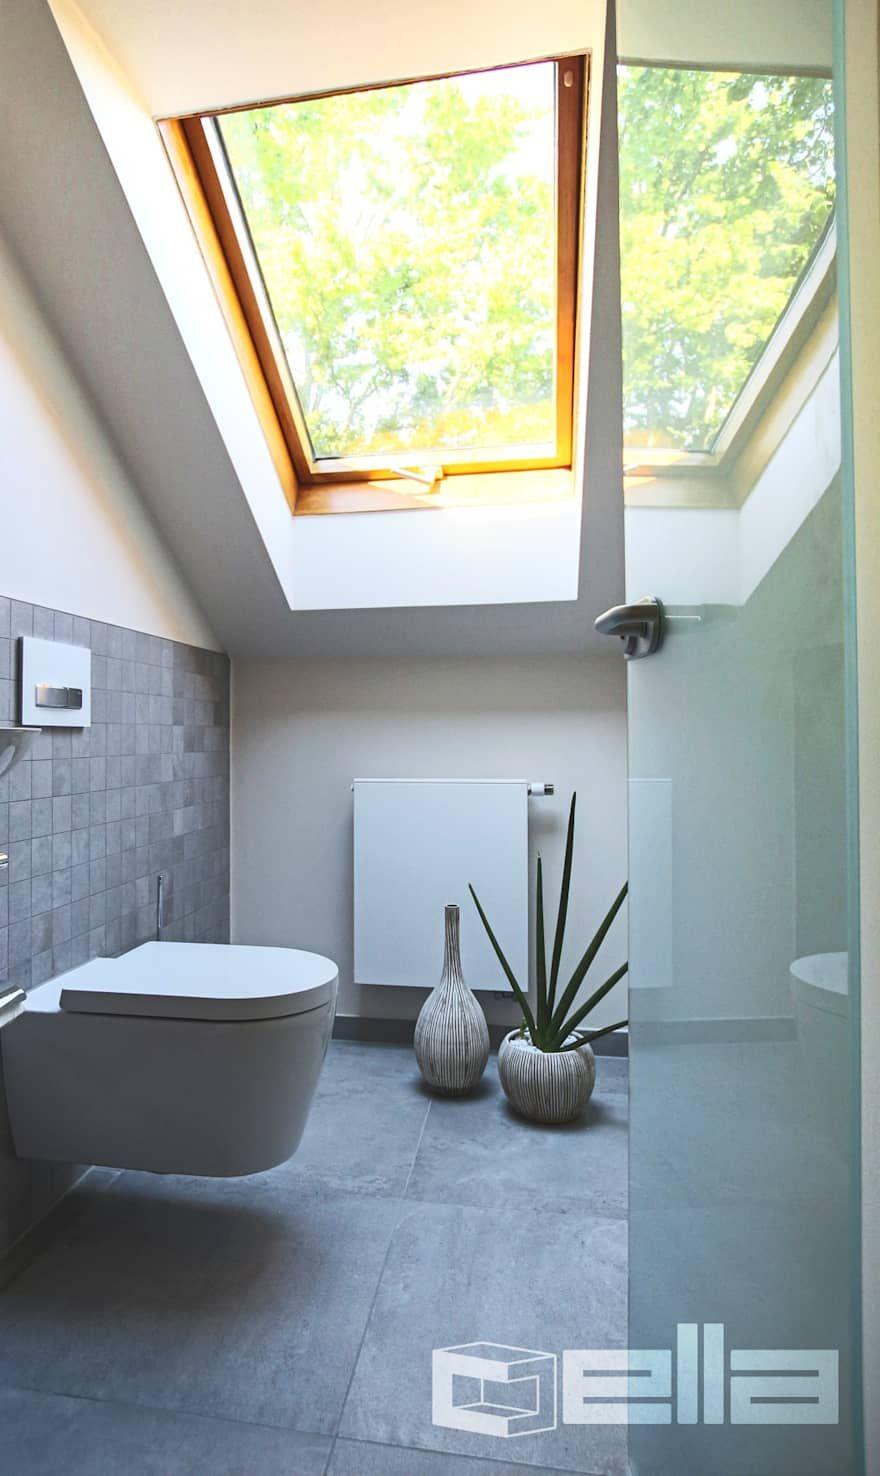 Badezimmer Ideen, Design und Bilder   homify   Badezimmer, Wc ...